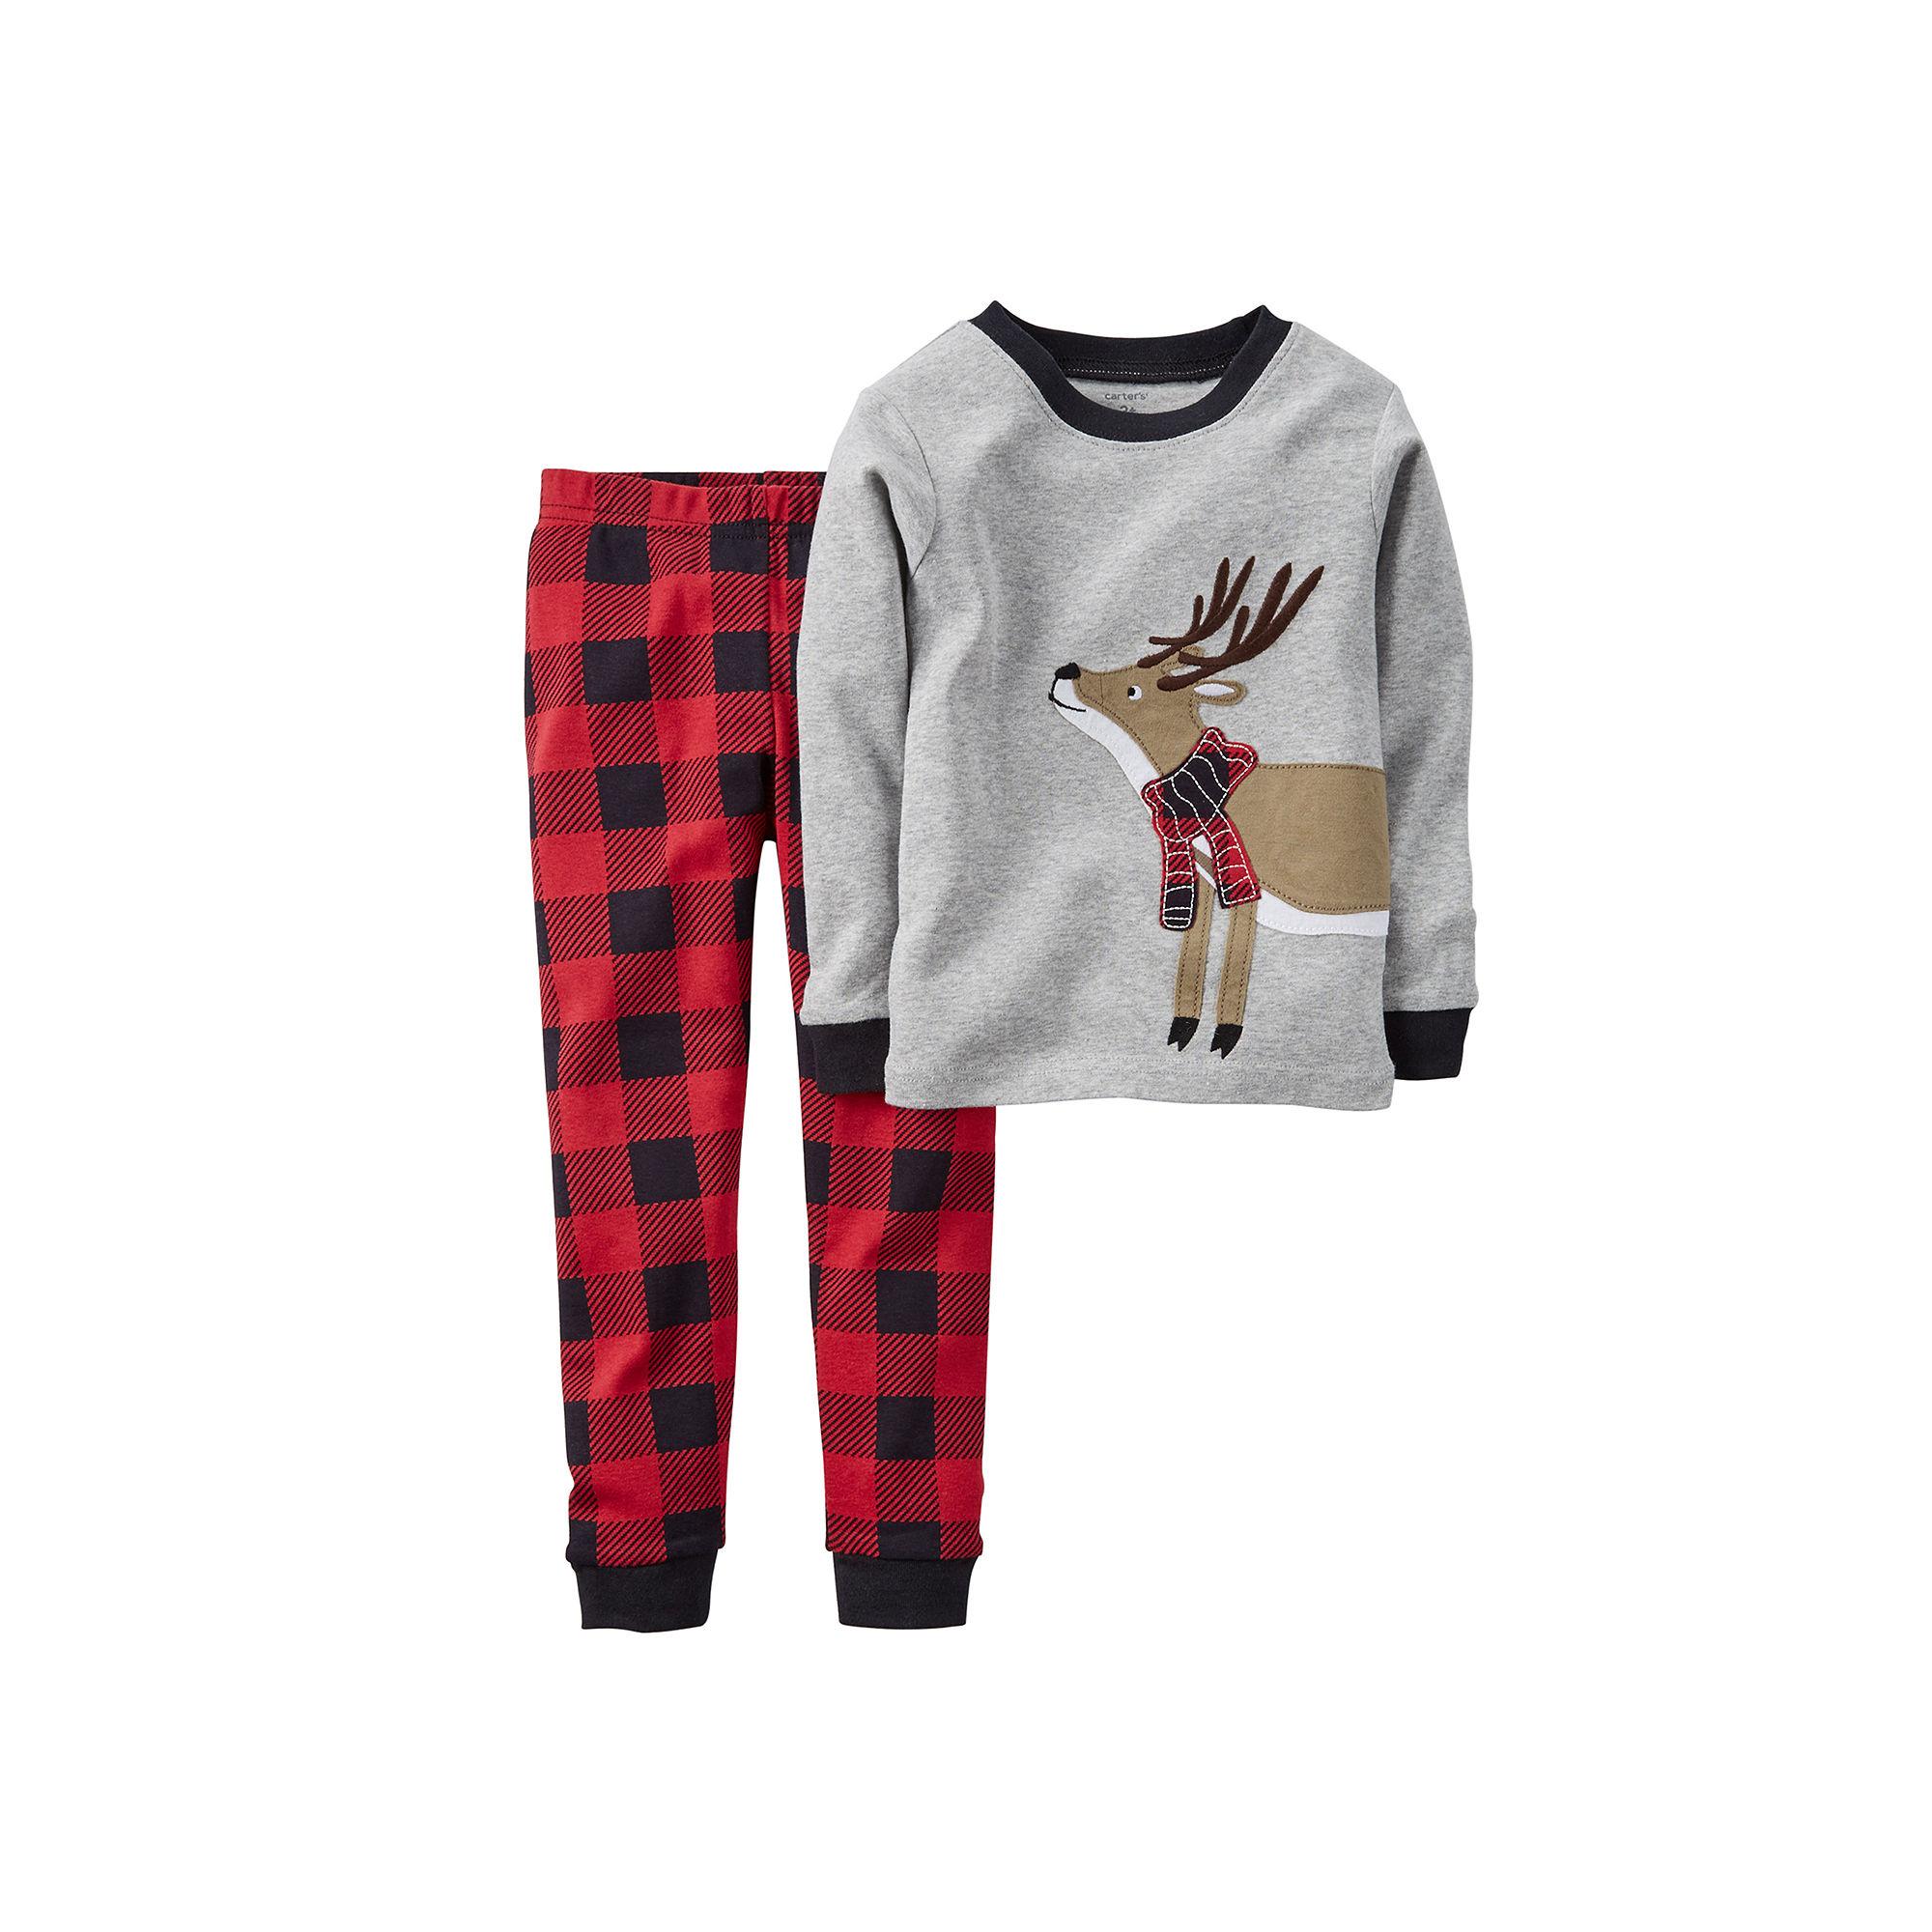 8a39ccac3 UPC 888510858430 - Carter s Reindeer Pajamas - Baby Boys 6m-24m ...